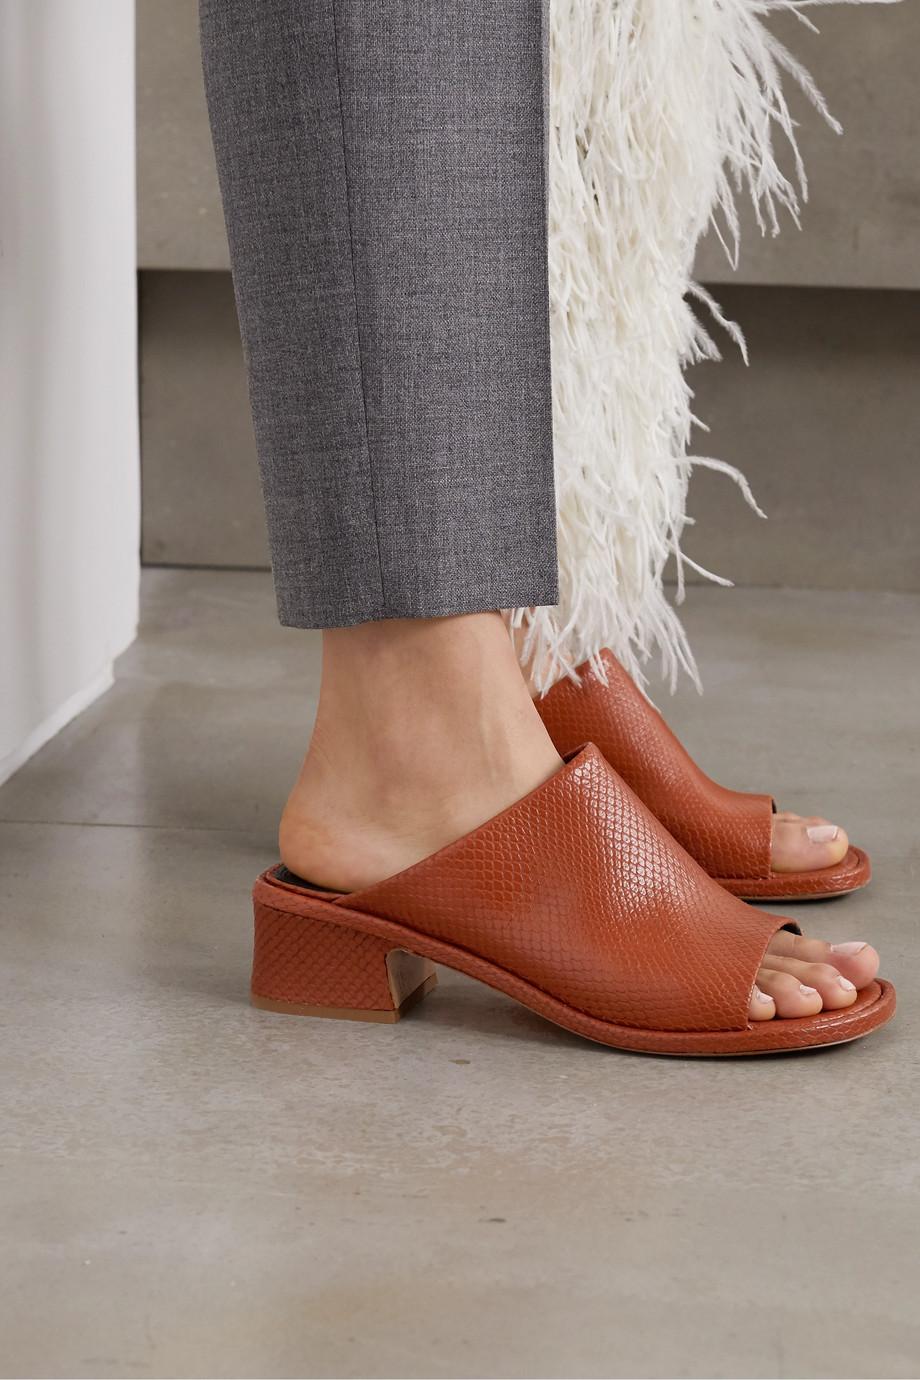 Dries Van Noten Lizard-effect leather mules